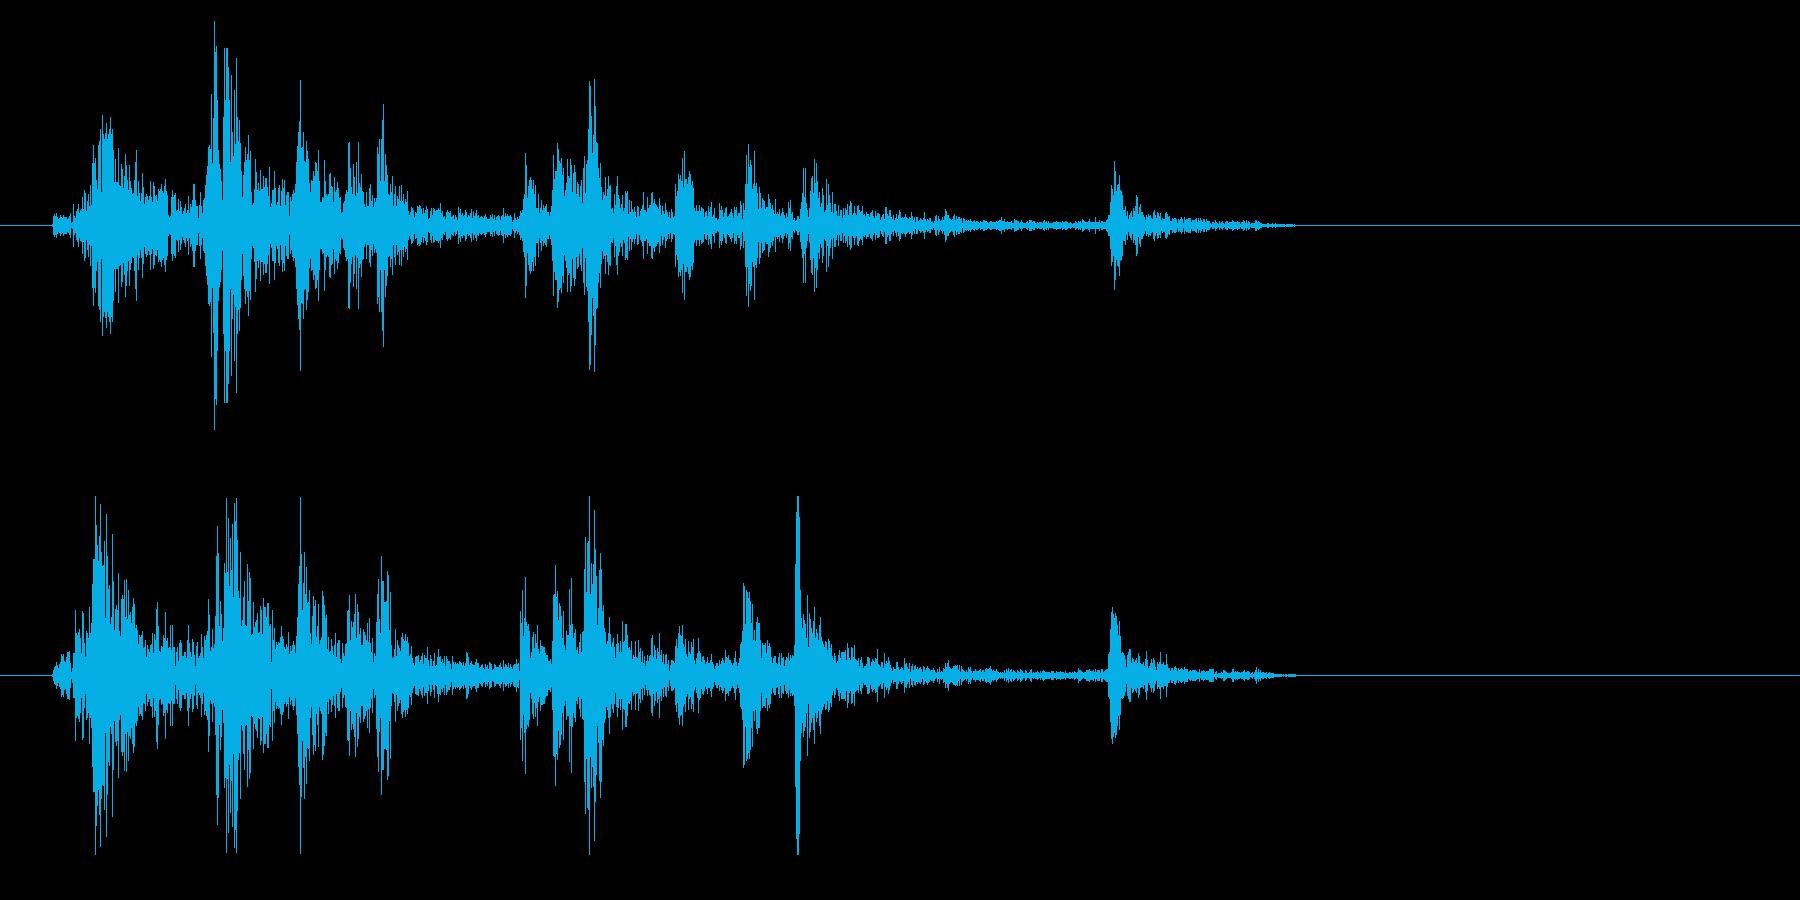 シャッター音(短くカシャリとした音)の再生済みの波形